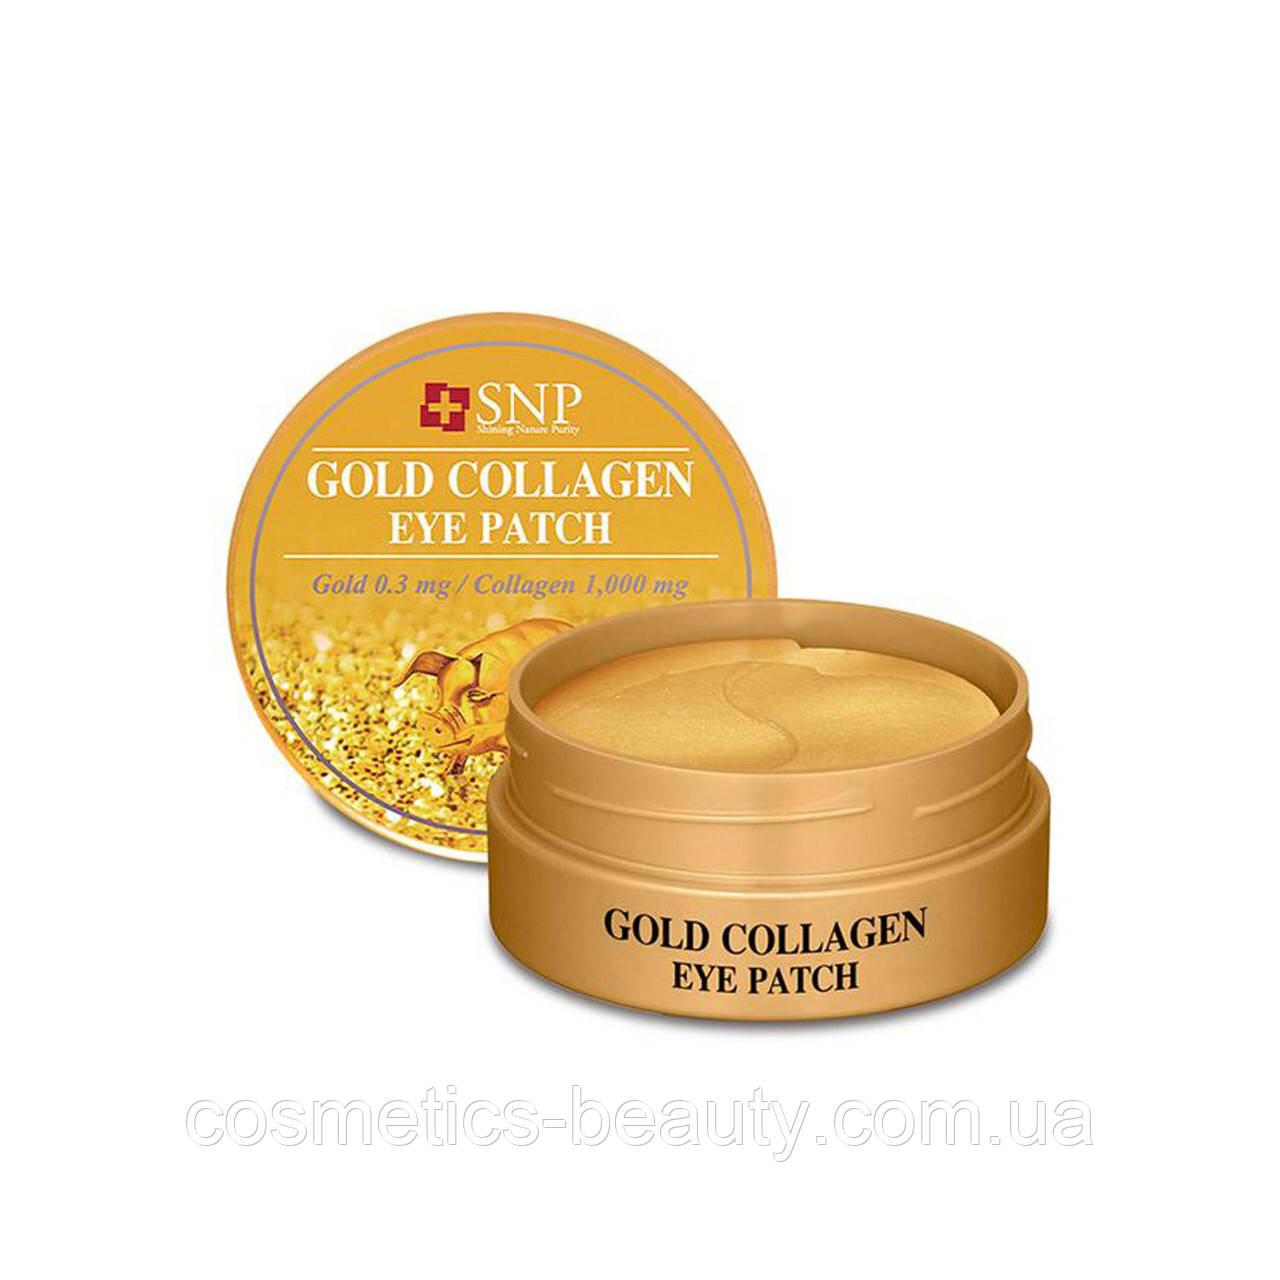 Гидрогелевые патчи с коллагеном и частицами золота SNP Gold Collagen Eye Patch, 60 шт.